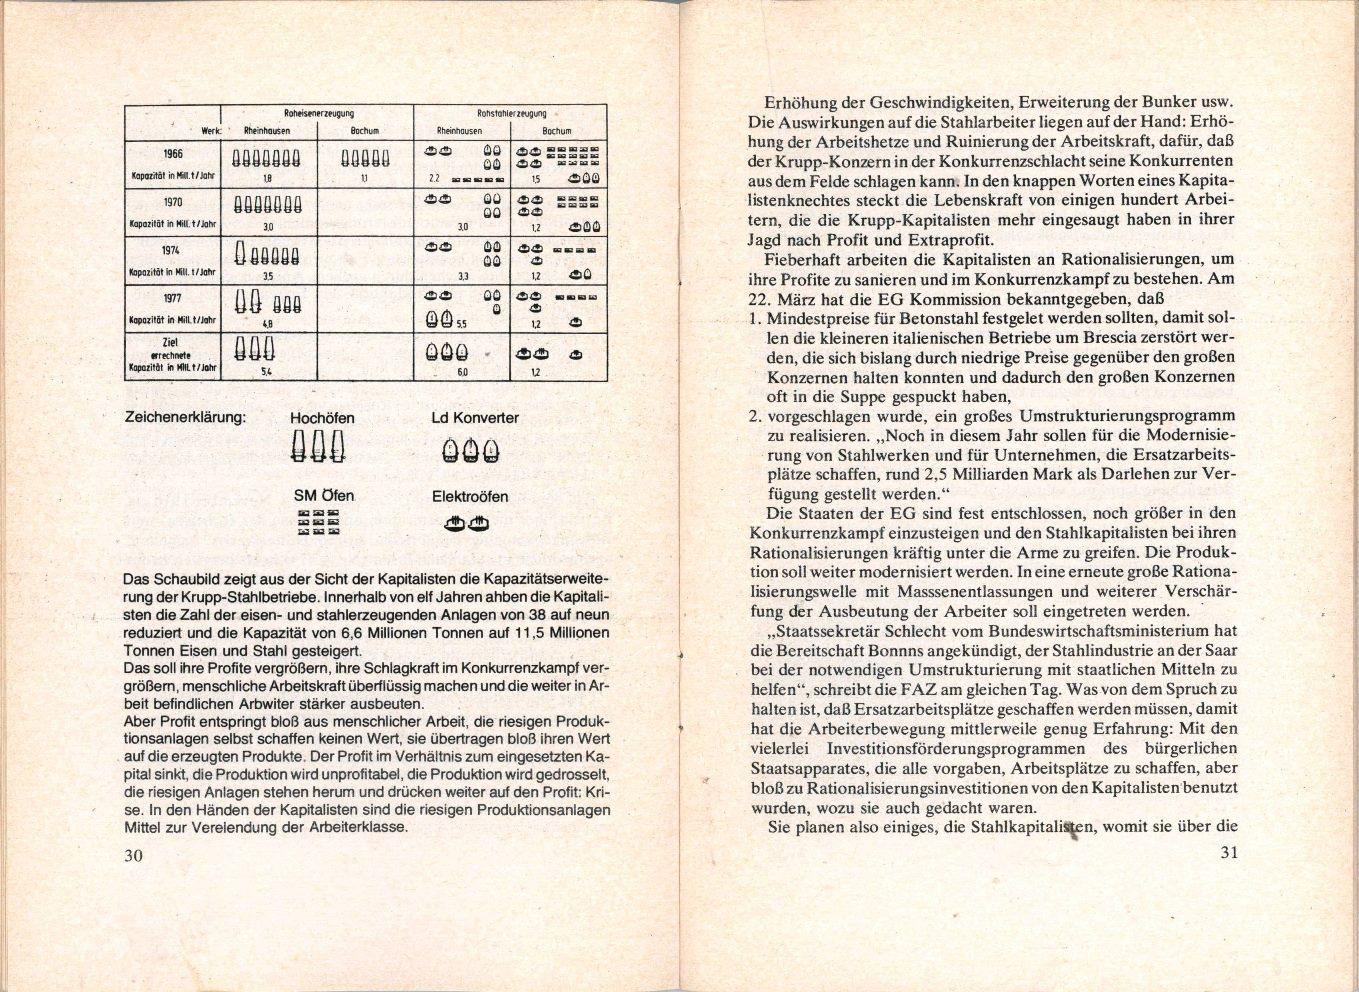 IGM_KBW_Krise_in_der_Stahlindustrie_1977_17